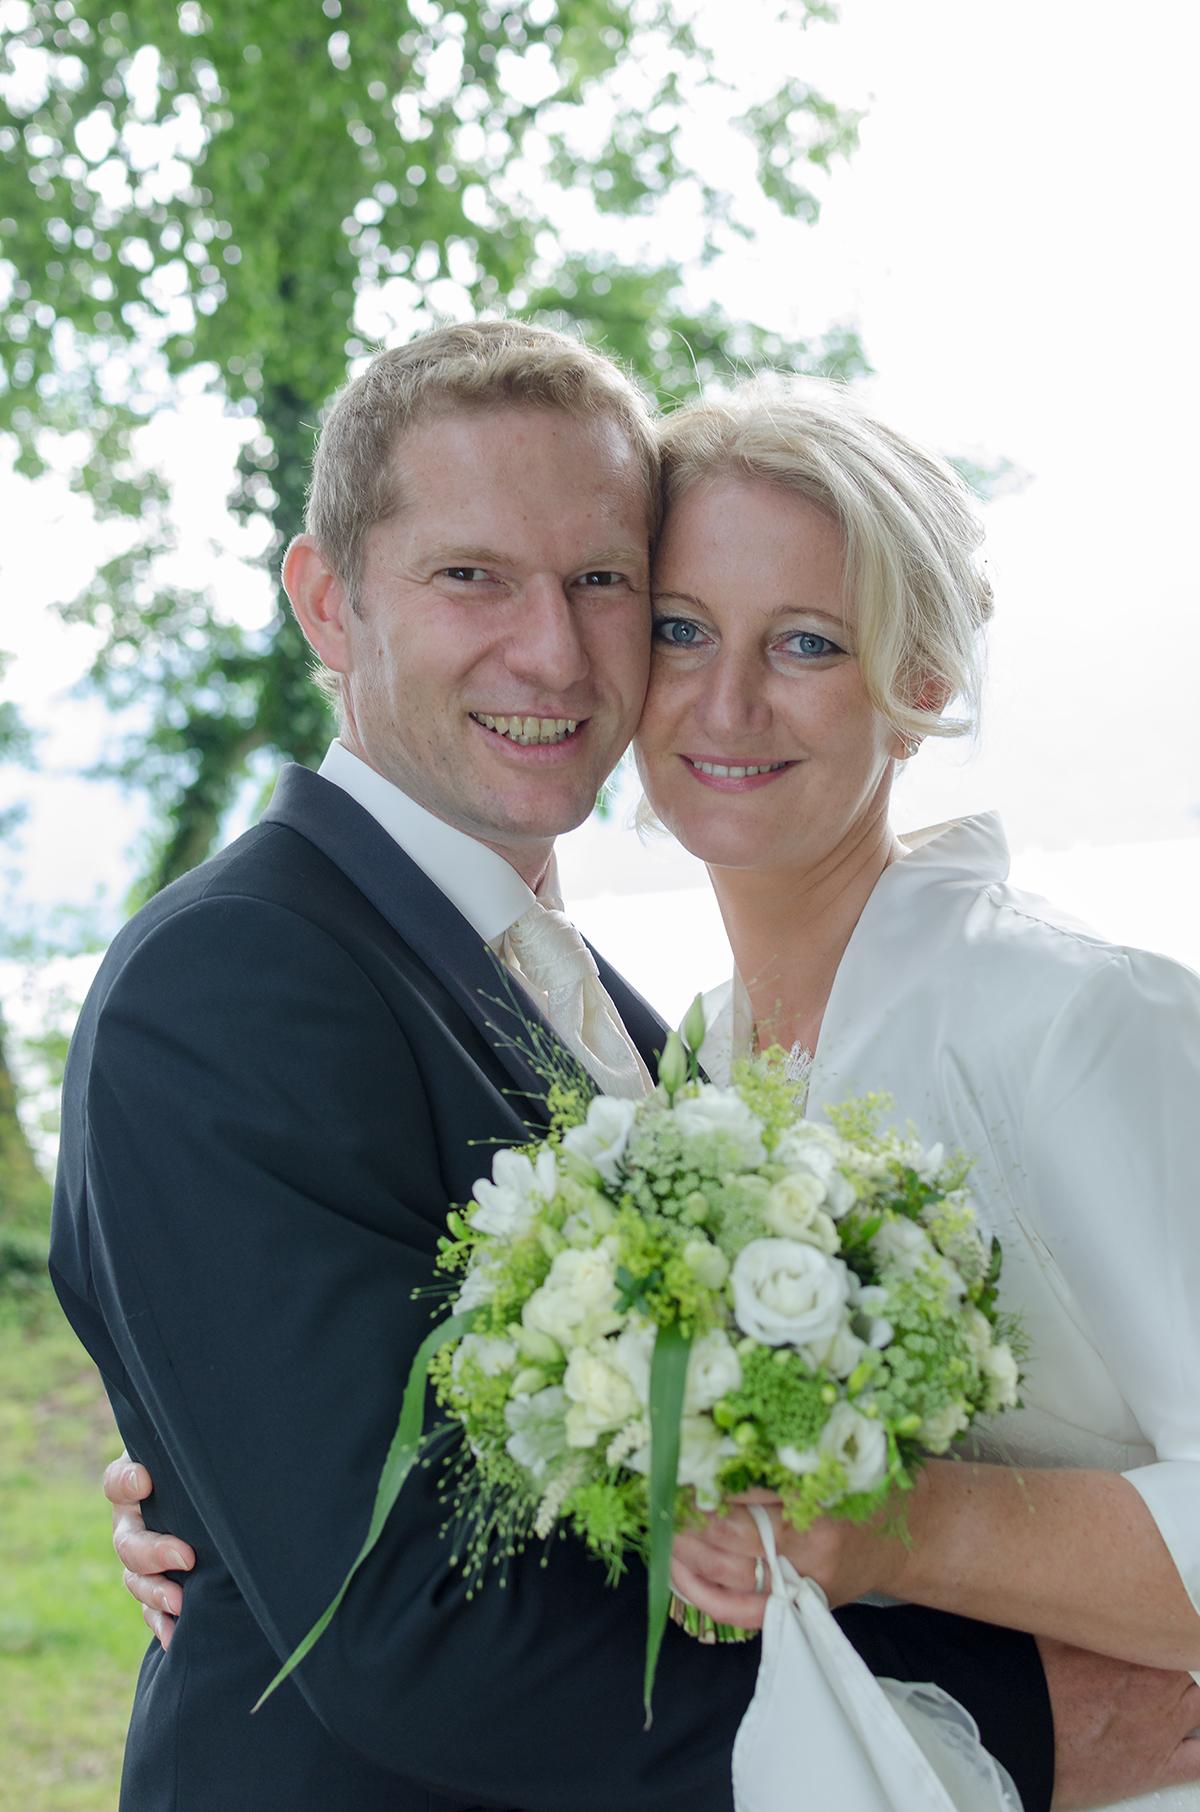 Christine&Gerhard_Hochzeit_Portrait_083_StephanSchreinerPhotography Kopie